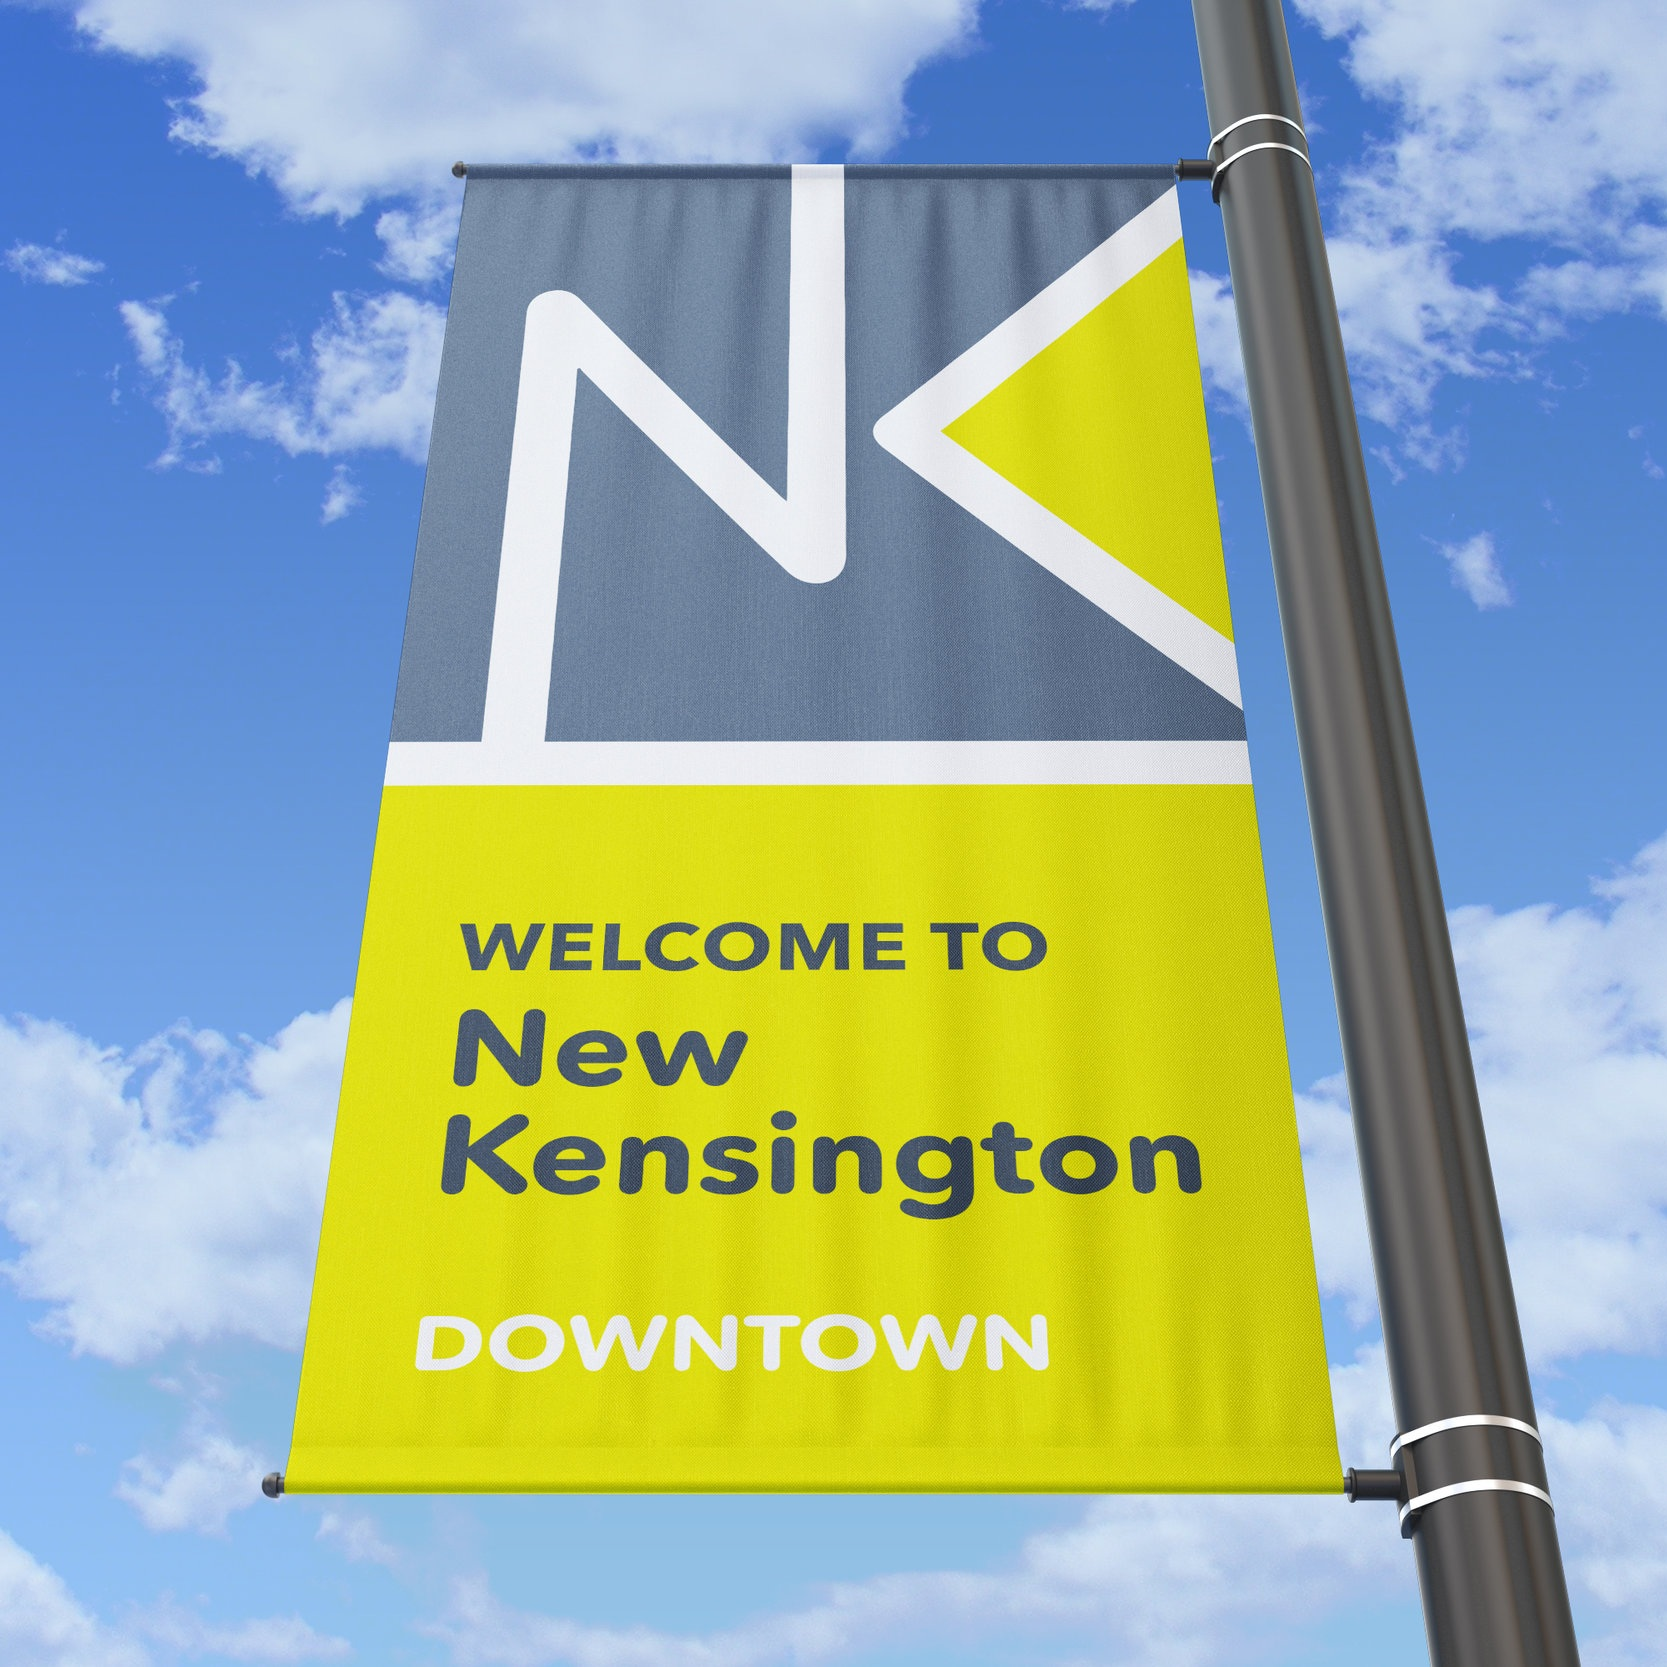 NewKen_Welcome_Poster_Concept2_Downtown.jpg